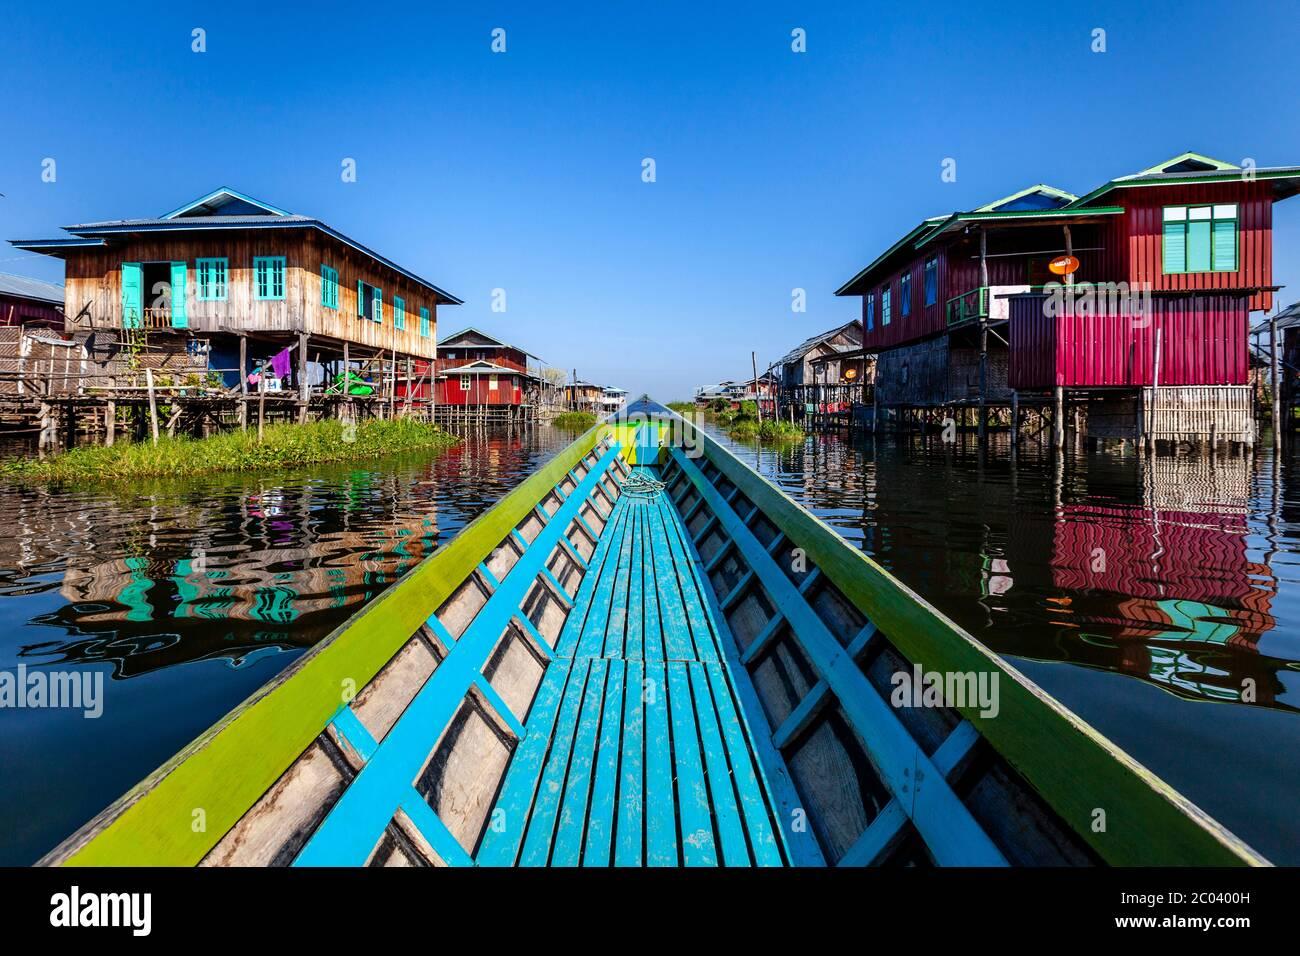 Case di palafitte sul lago Inle, villaggio galleggiante di Nam Pan, Stato di Shan, Myanmar. Foto Stock